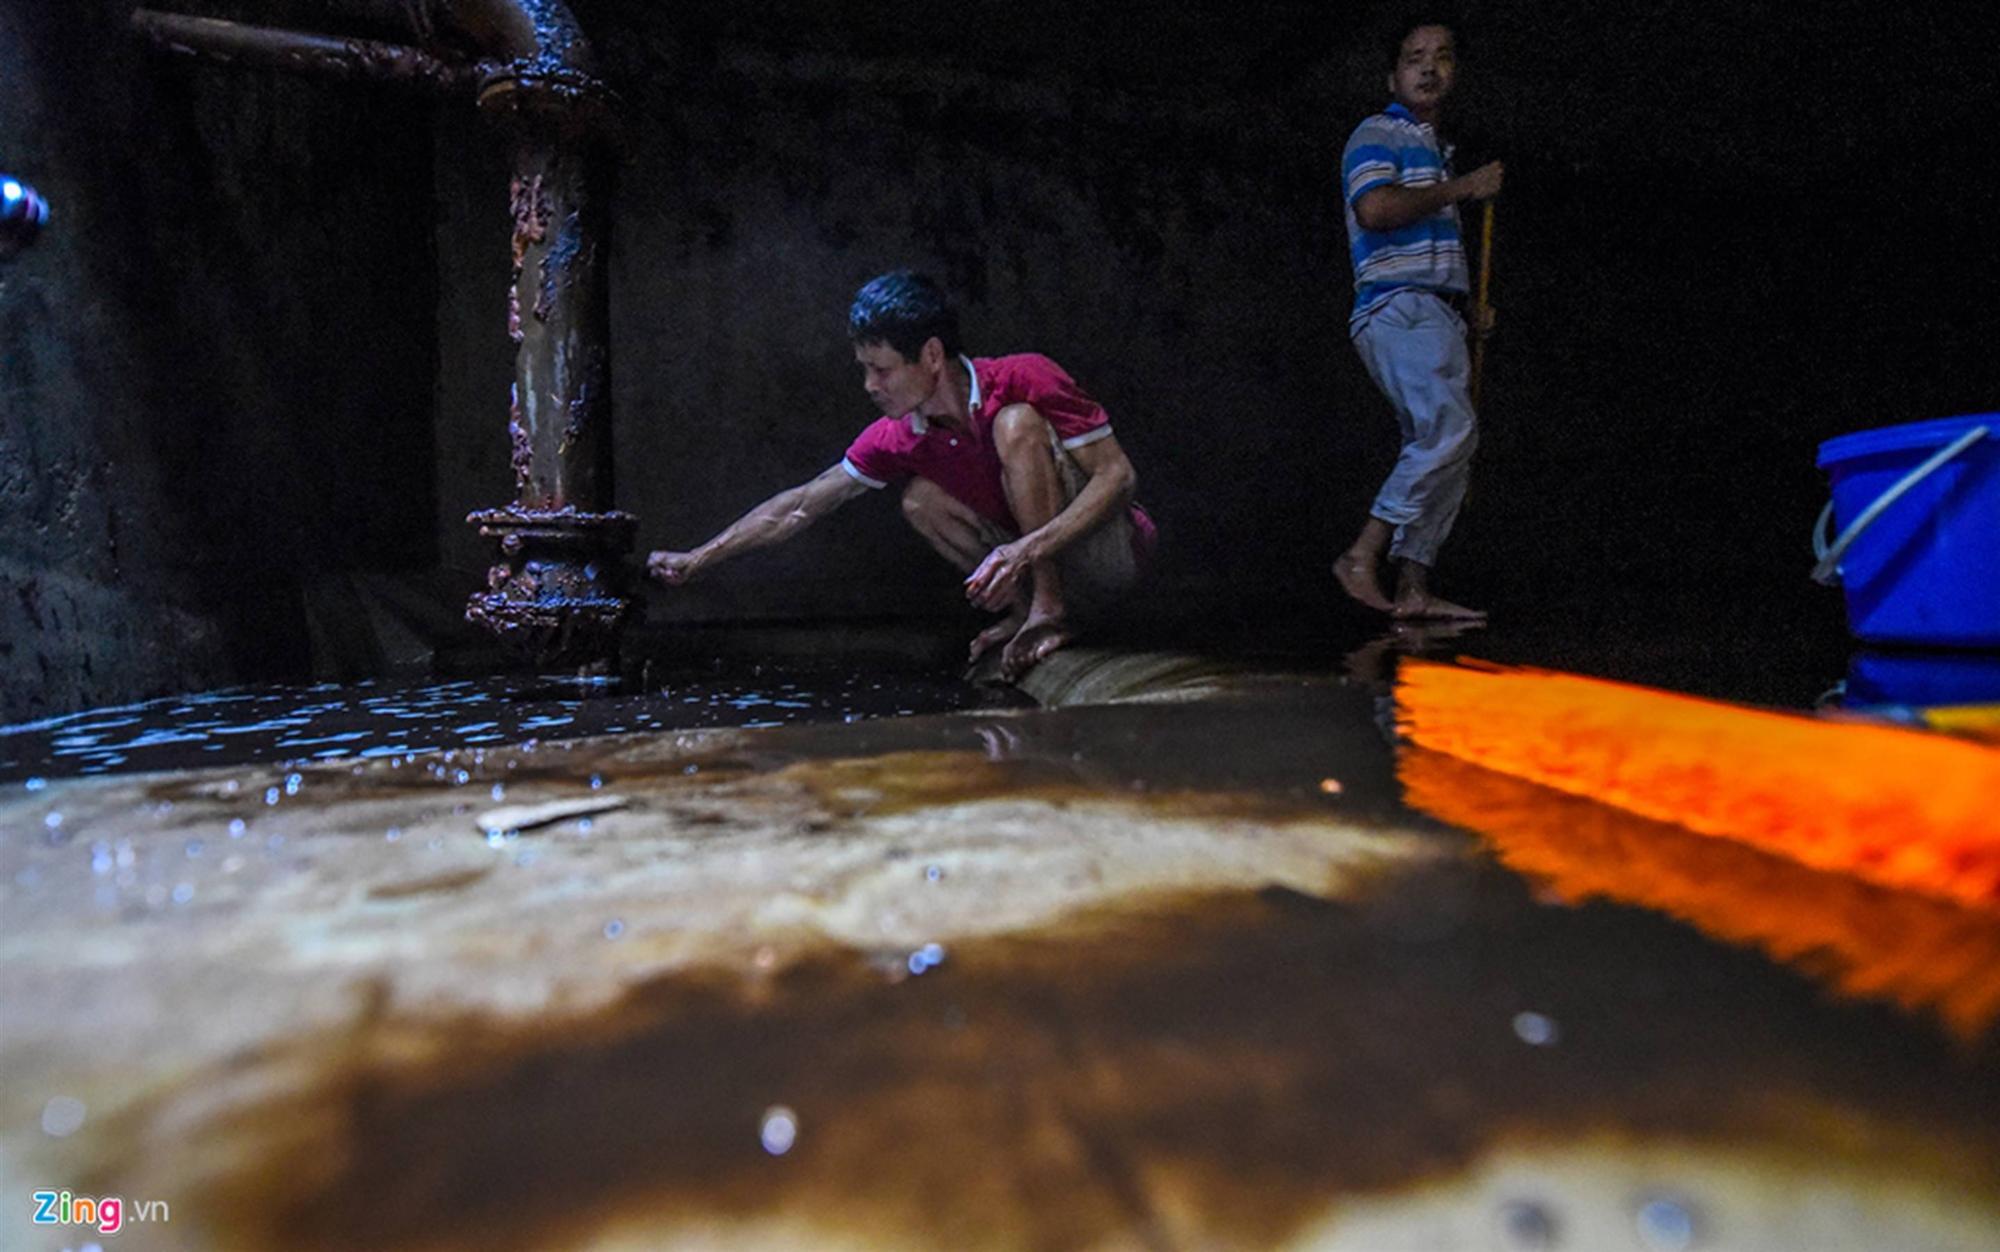 Nước đen kịt, mùi dầu nồng nặc khi thau rửa bể chung cư Hà Nội-2